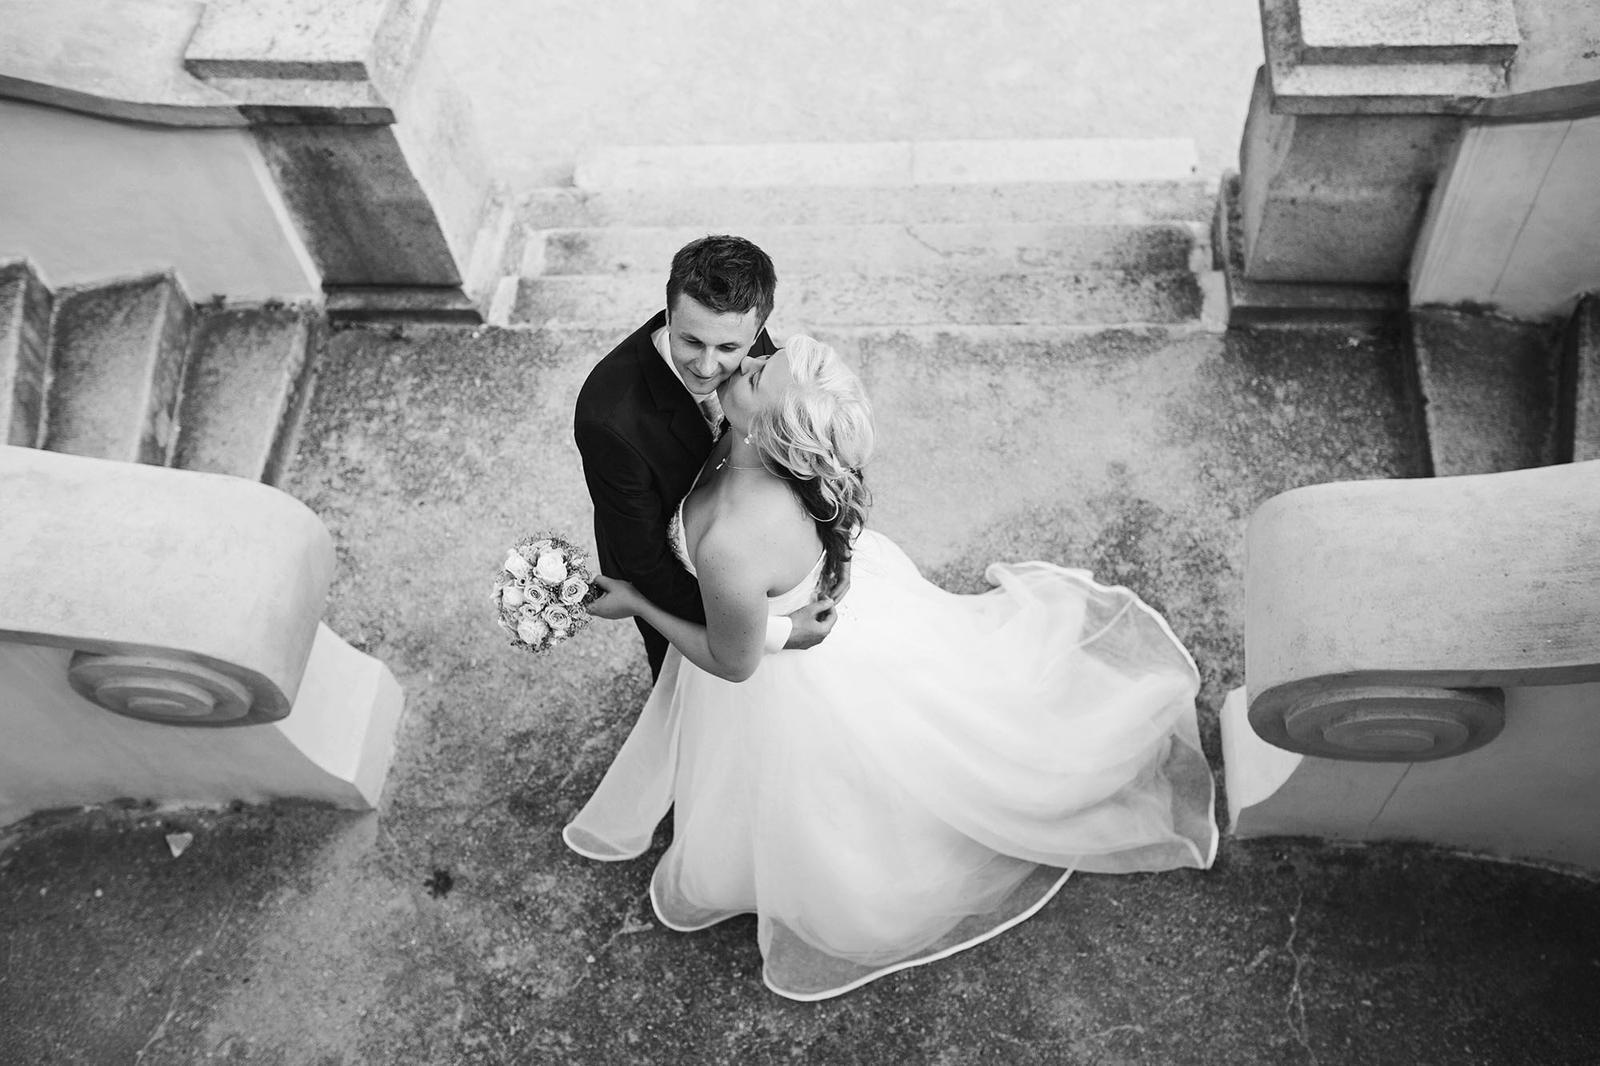 Dnes krásných 300 dní po svatbě a stále je na co vzpomínat! Pomalu začínáme plánovat oslavu našeho prvního výročí  a snažíme si užívat každou volnou chvíli spolu.....vědět, že život po svatbě je takhle skvělý, vdala jsem se už dřív :-) je to úžasný pocit, když víte, že ten váš je ten pravý :) - Obrázek č. 2